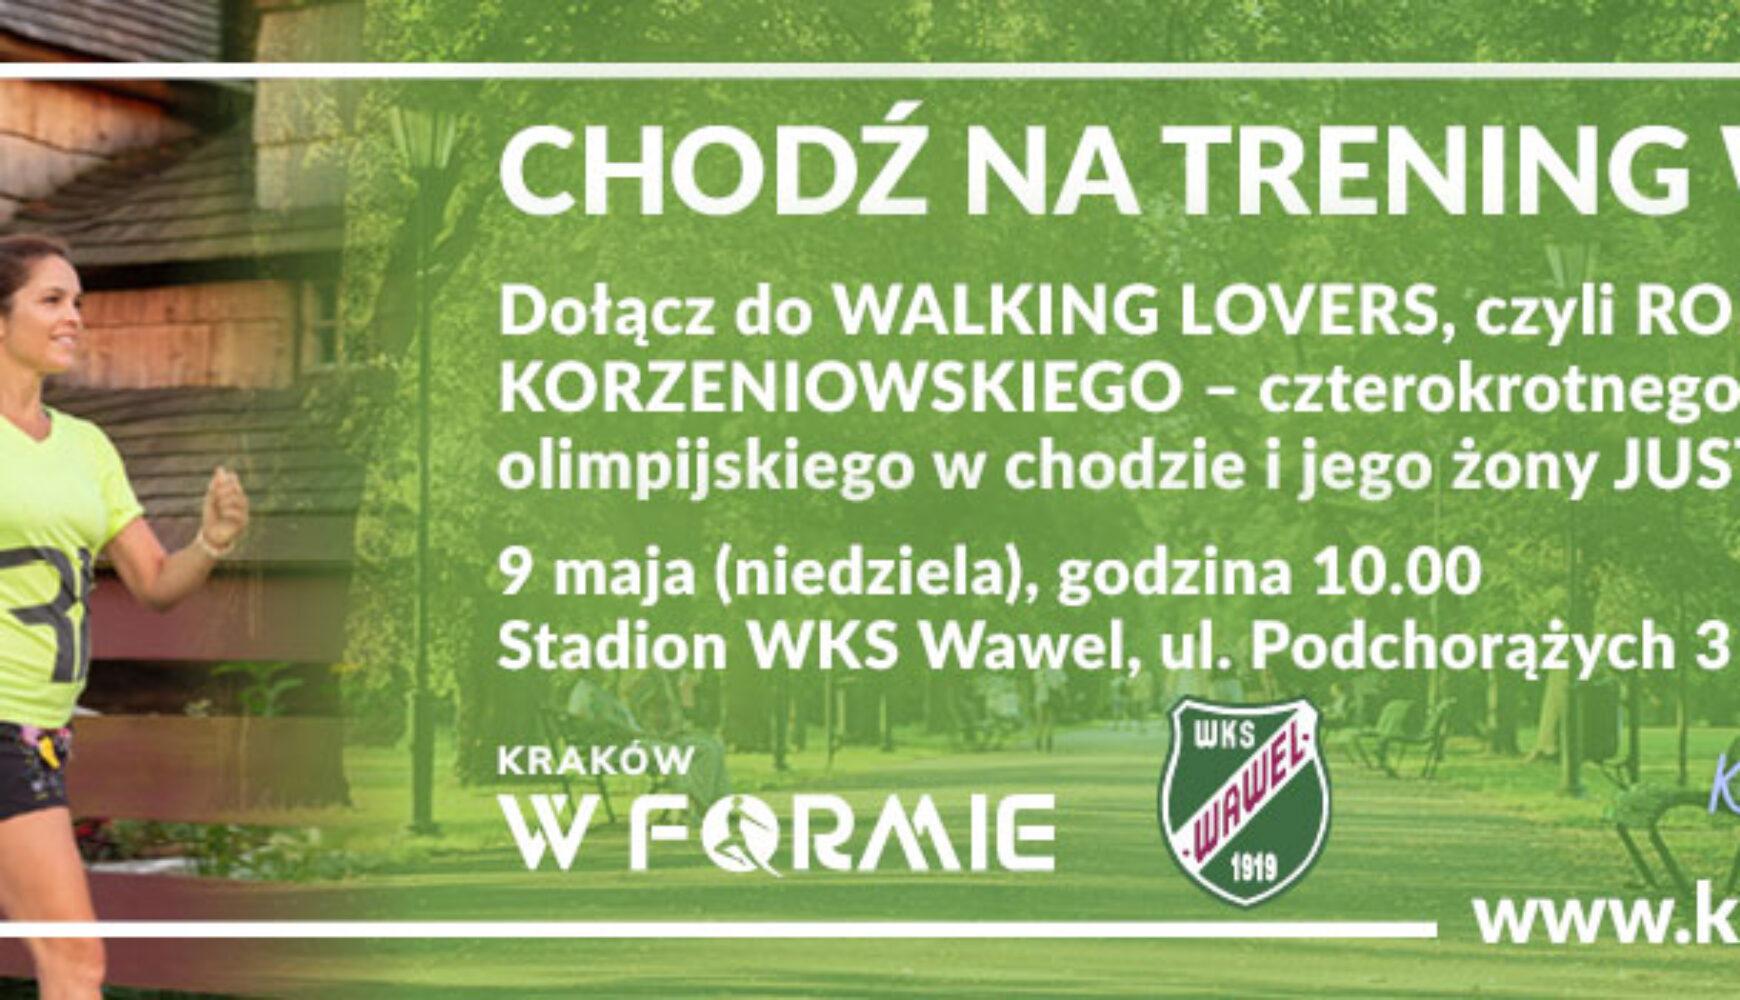 #KrakówWFormie: idziemy dla zdrowia zWalking Lovers